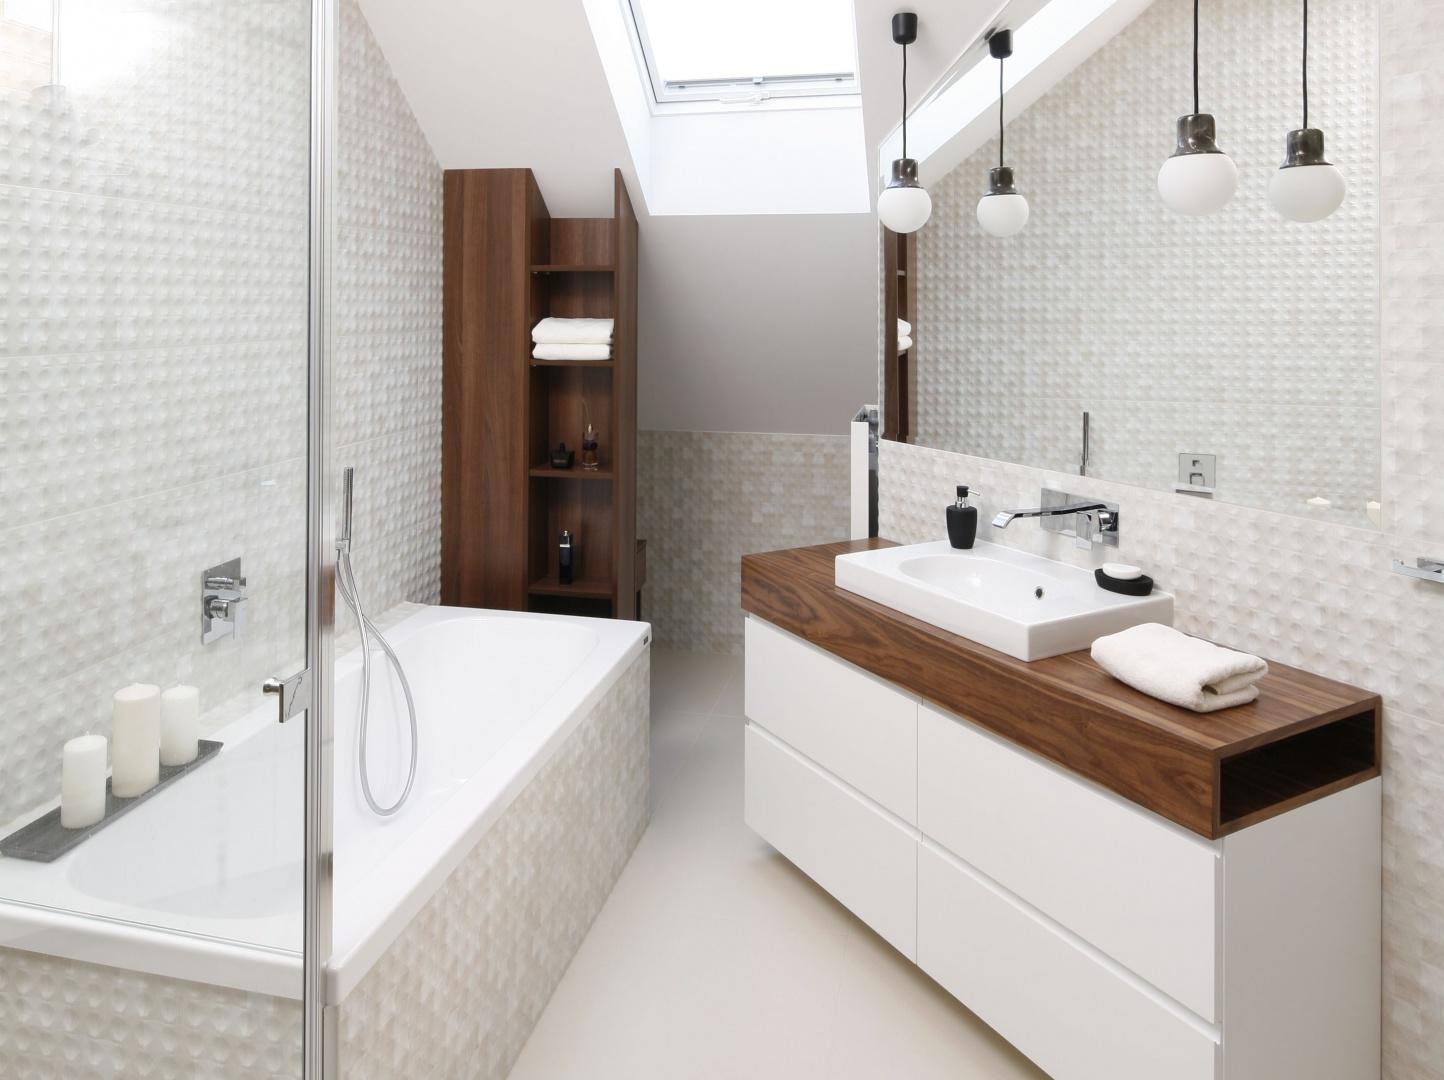 Nowoczesne łazienki: 10 gotowych projektów jak marzenie - Galeria - Dobrzemieszkaj.pl